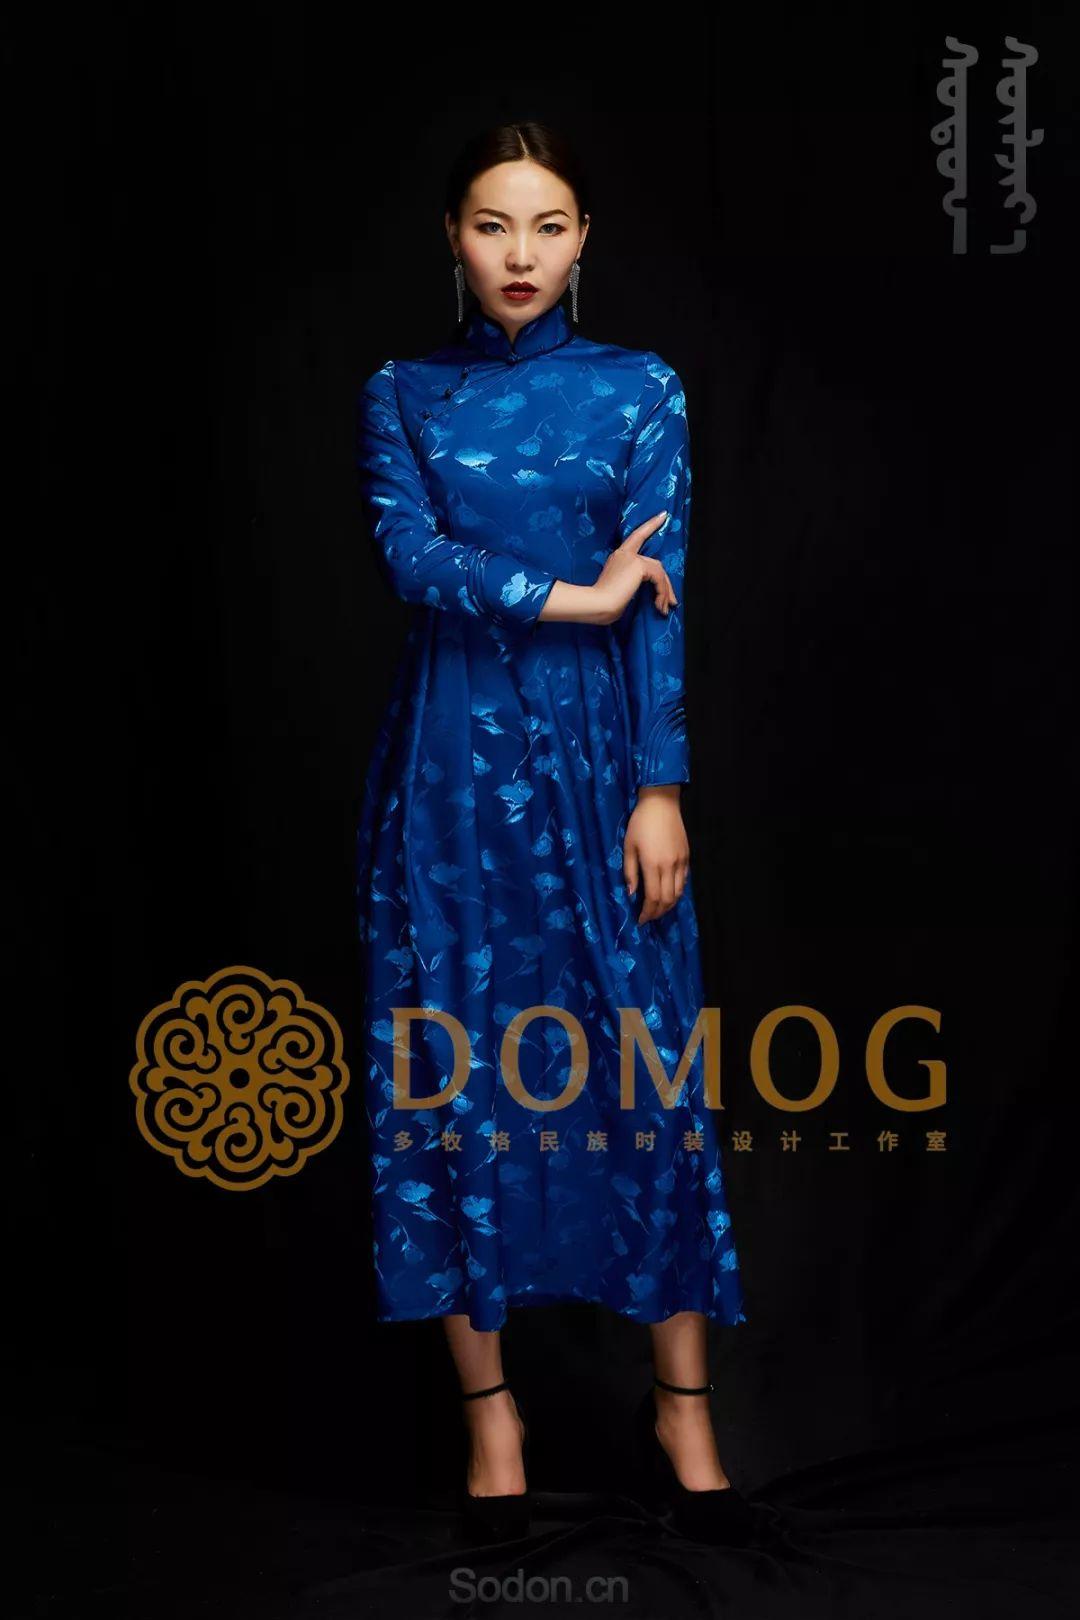 DOMOG蒙古时装绝美秋冬款系列,美出新高度! 第24张